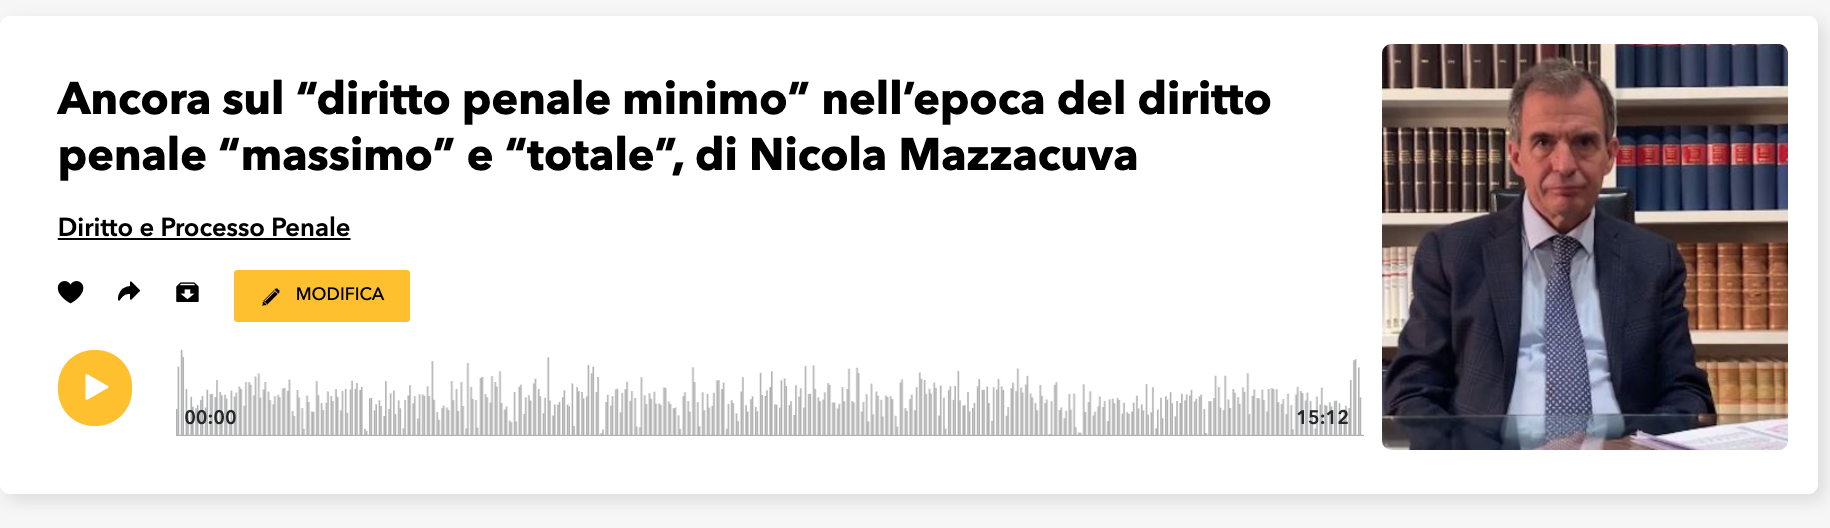 """ANCORA SUL """"DIRITTO PENALE MINIMO"""" NELL'EPOCA DEL DIRITTO PENALE """"MASSIMO"""" E """"TOTALE"""" – DI NICOLA MAZZACUVA – PODCAST"""